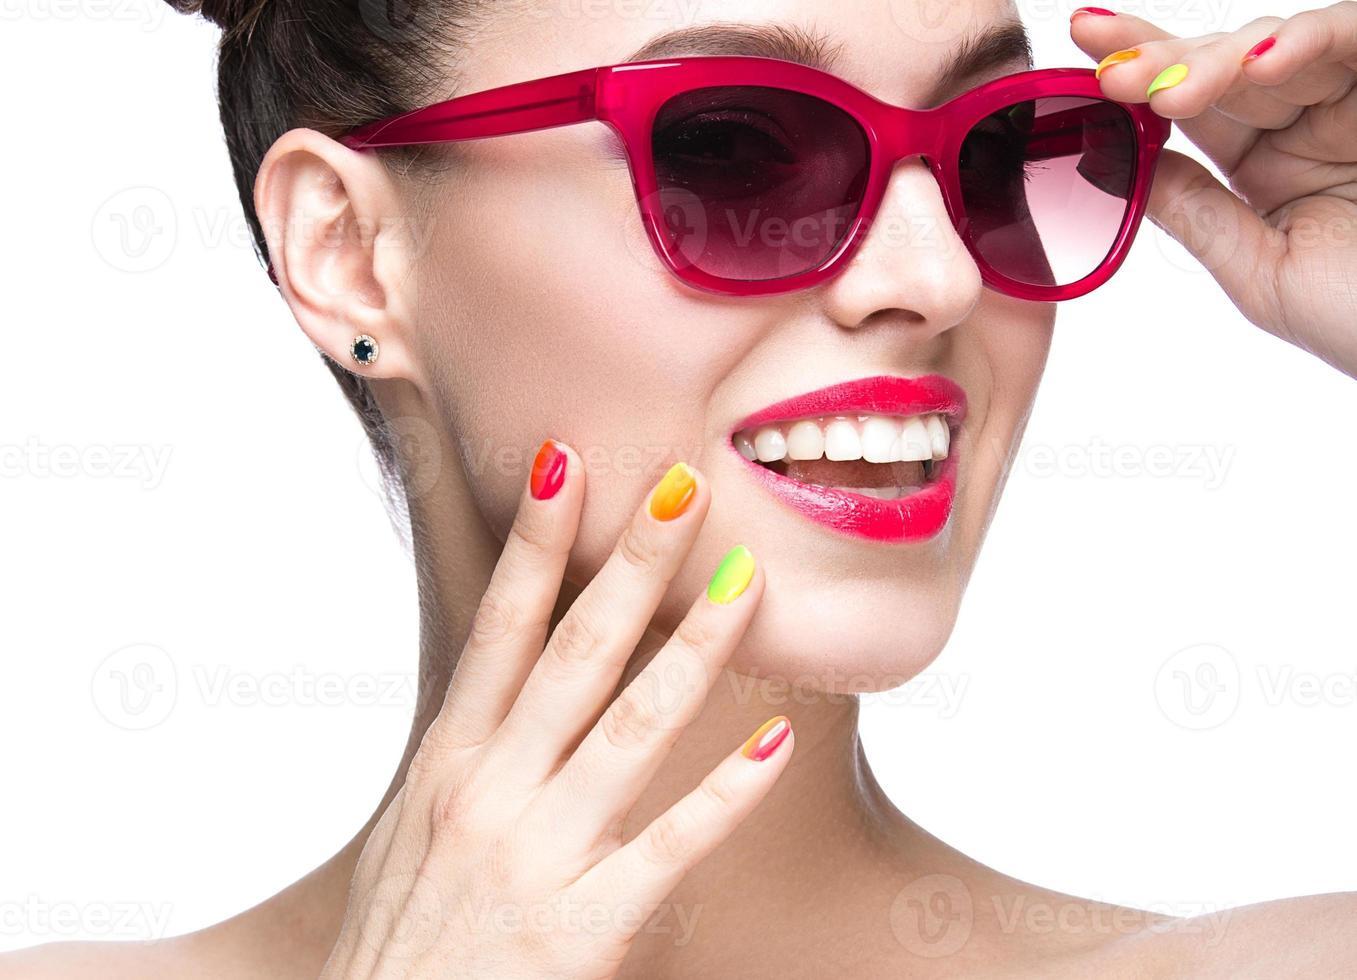 meisje in rode zonnebril met lichte make-up en kleurrijke nagels. foto